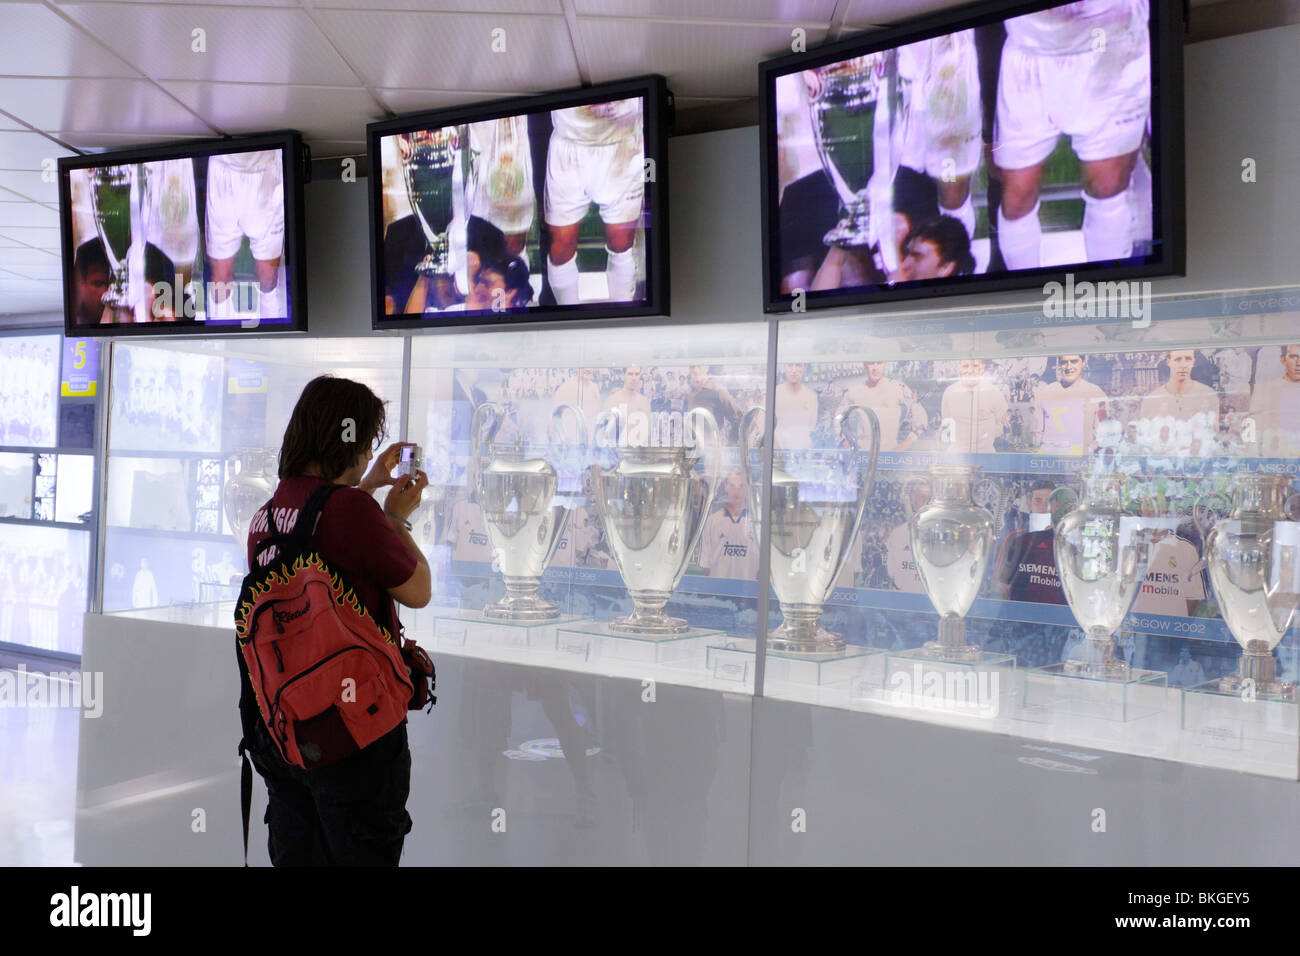 Real Madrid Museum, Santiago Bernabeu Stadium (UEFA Elite Stadium), Madrid, Spain - Stock Image